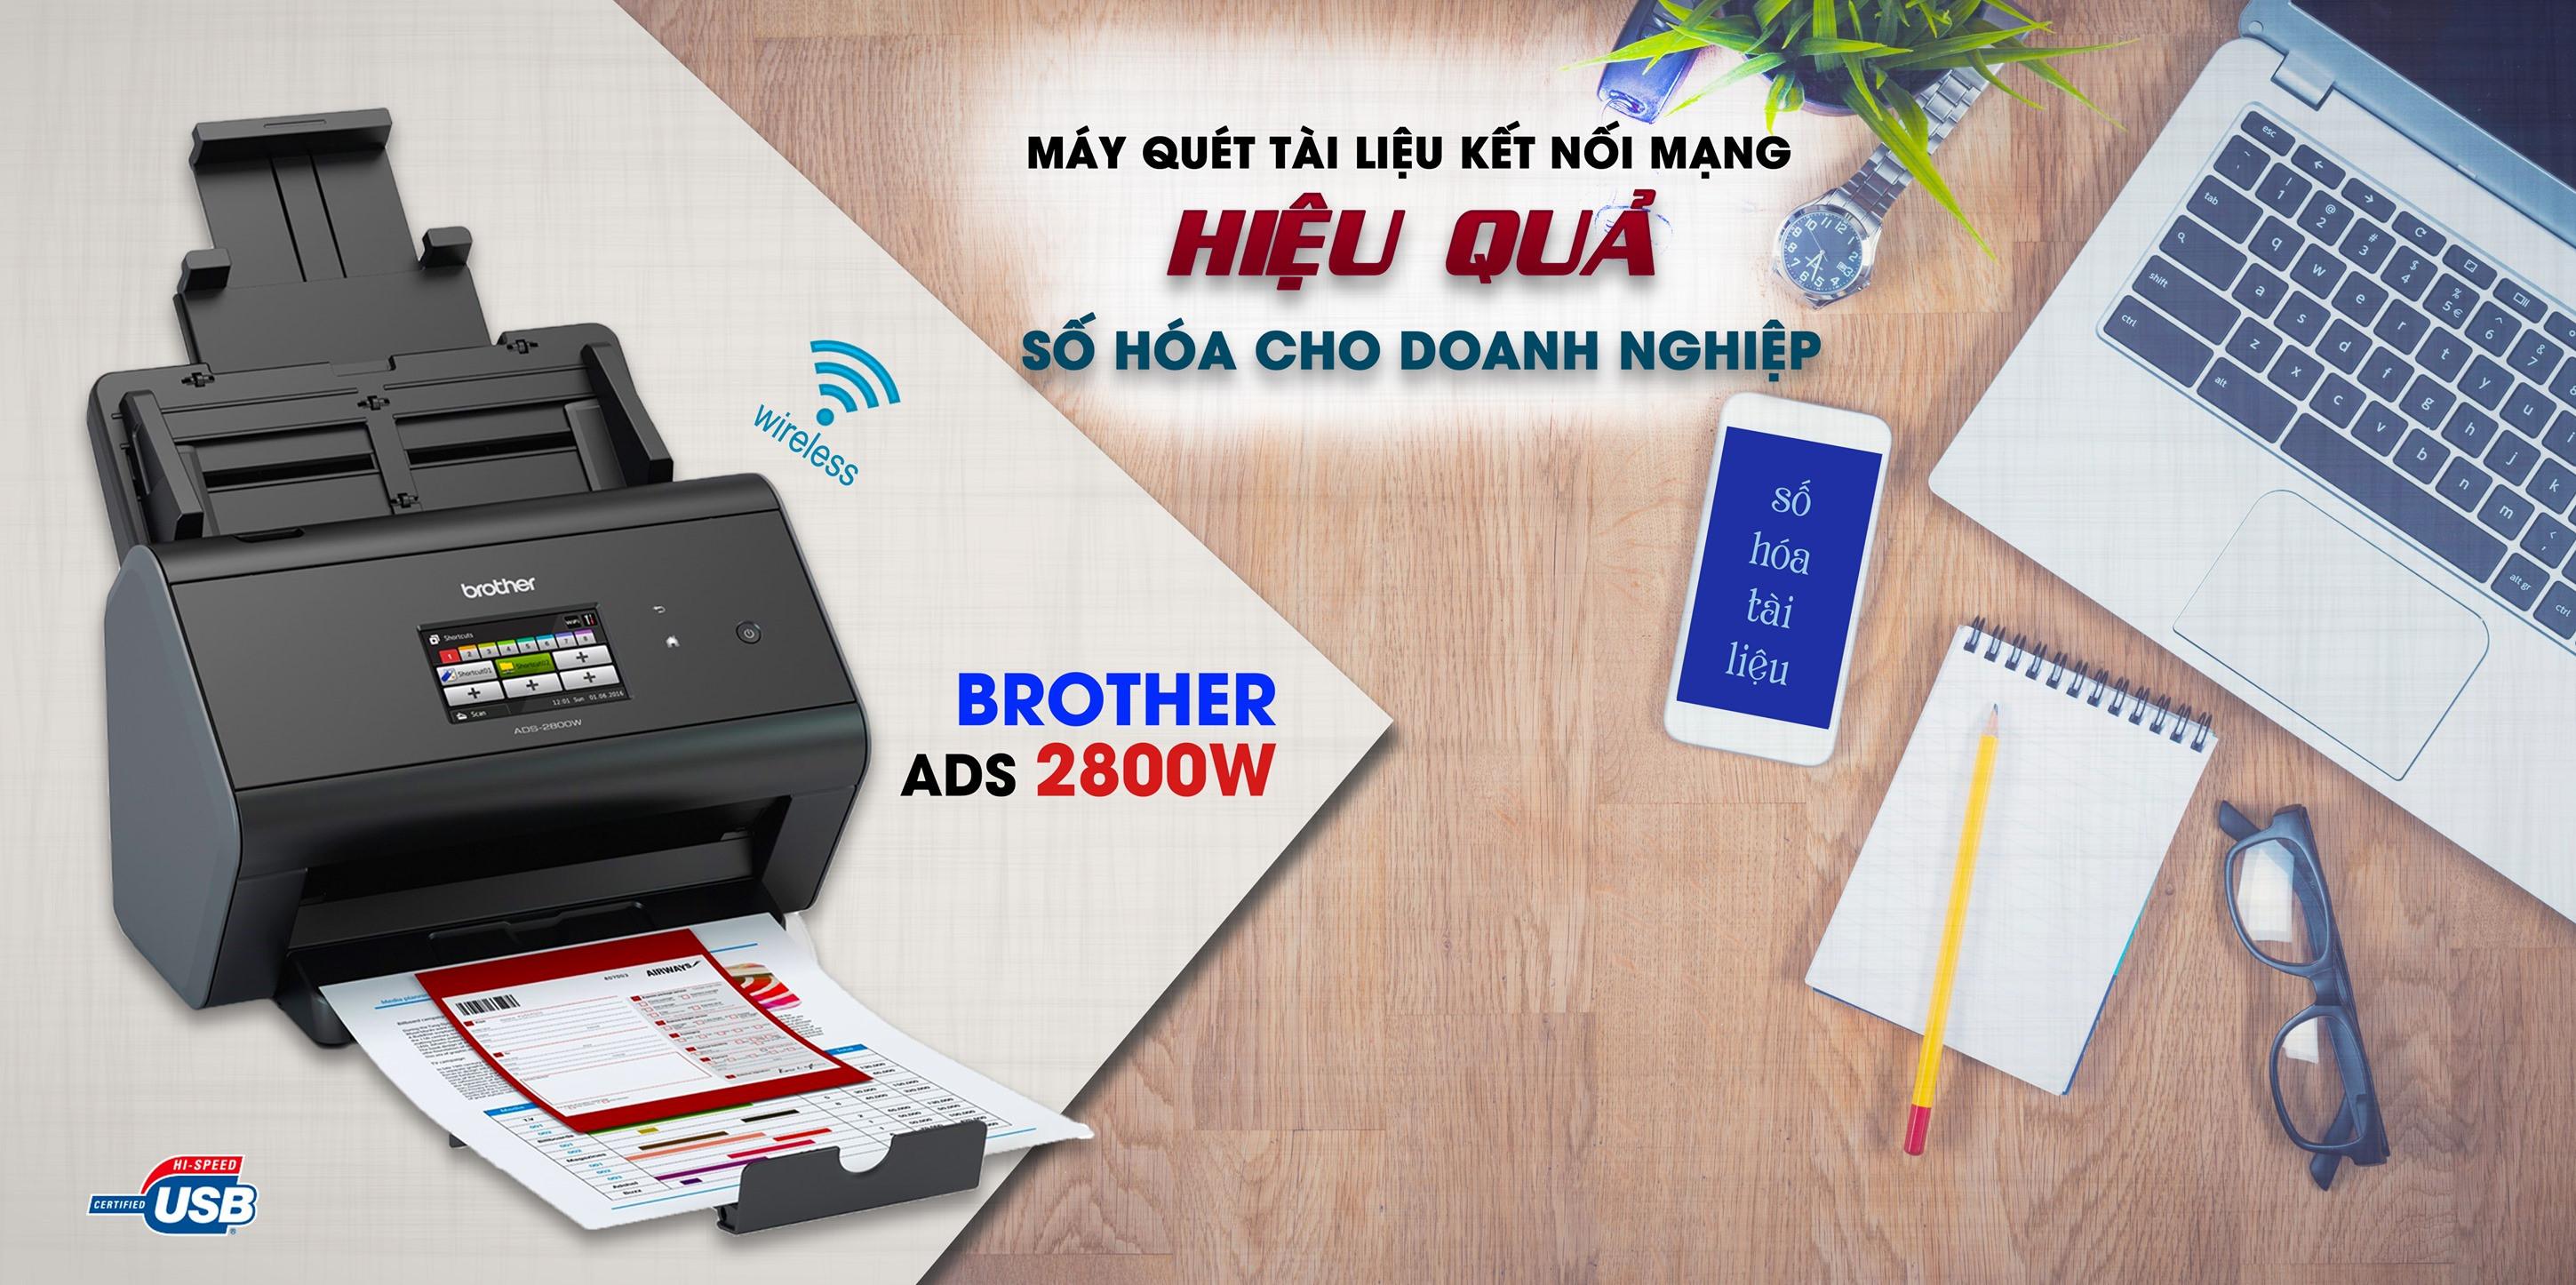 ADS-2800W - Giải pháp máy scan Mạng LAN & Wifi của Brother